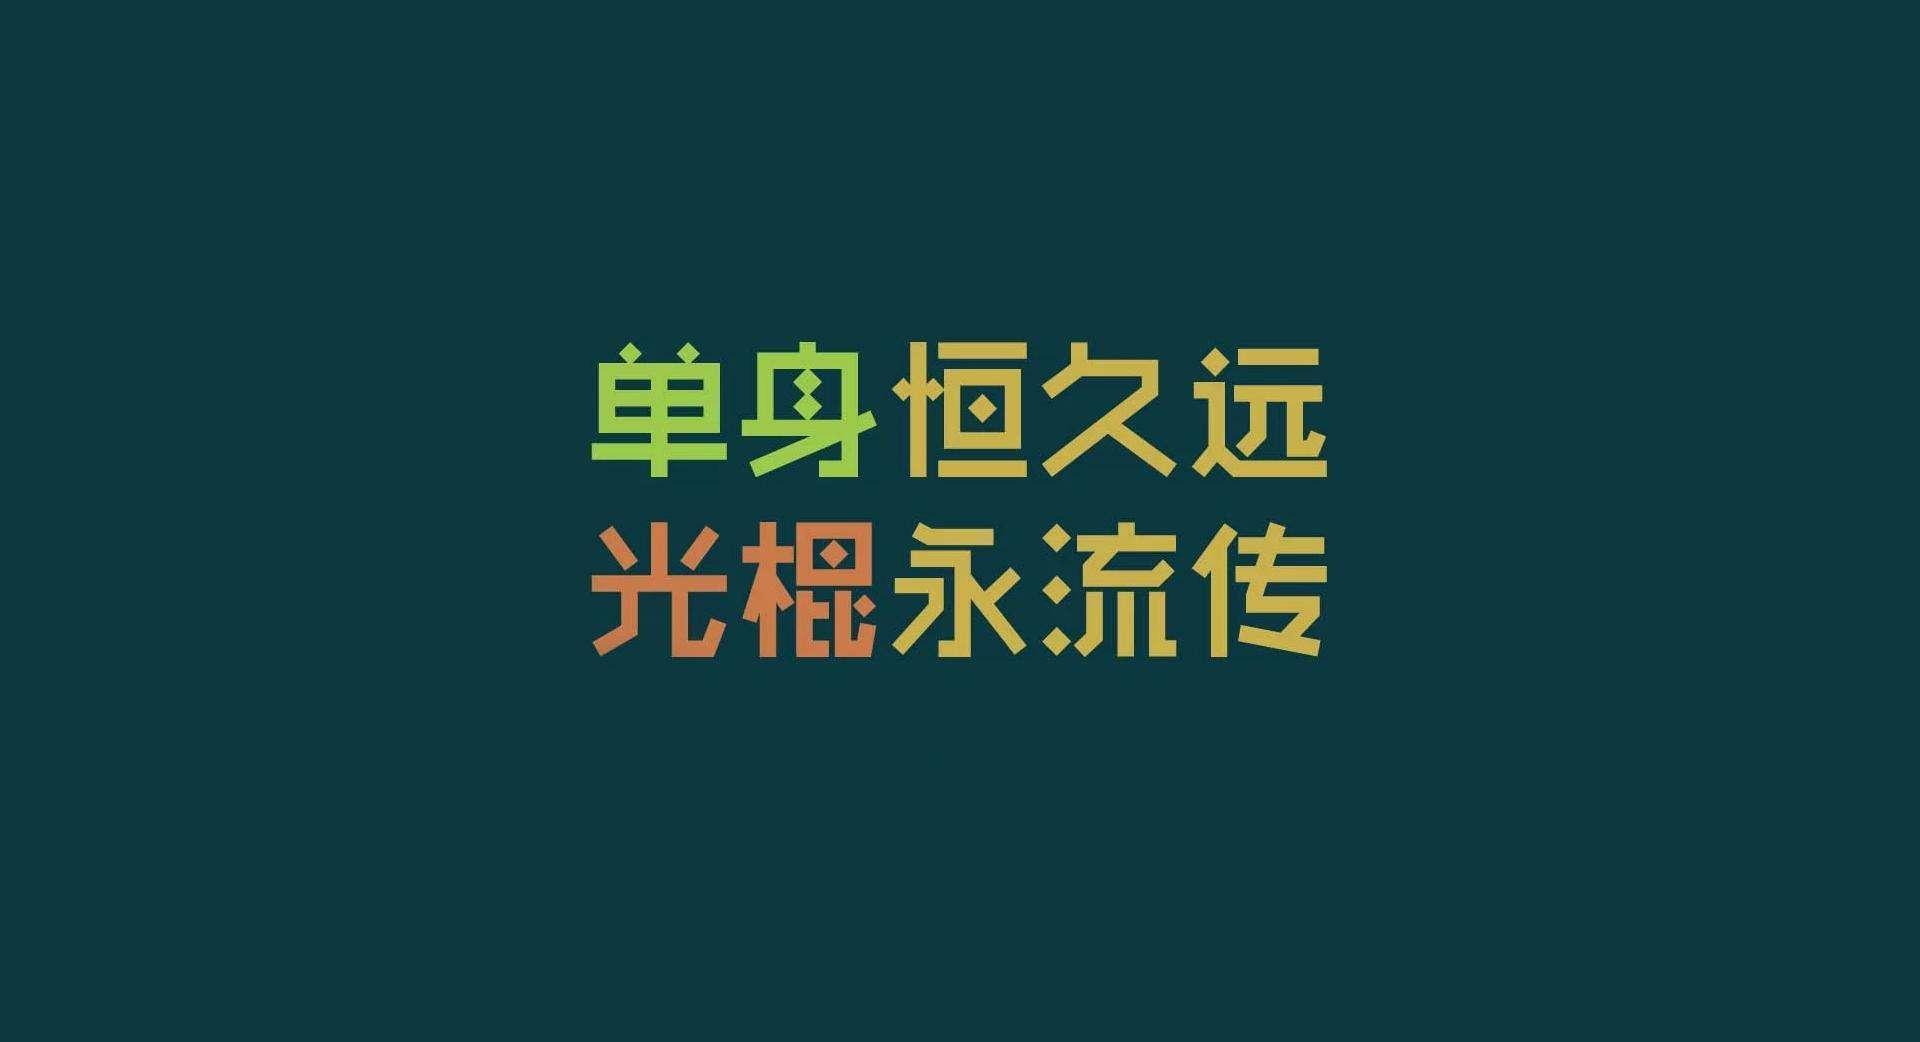 南大学光棍节_双11马云刘强东赚钱速度再破纪录,他们应该感谢25年前4个大学生